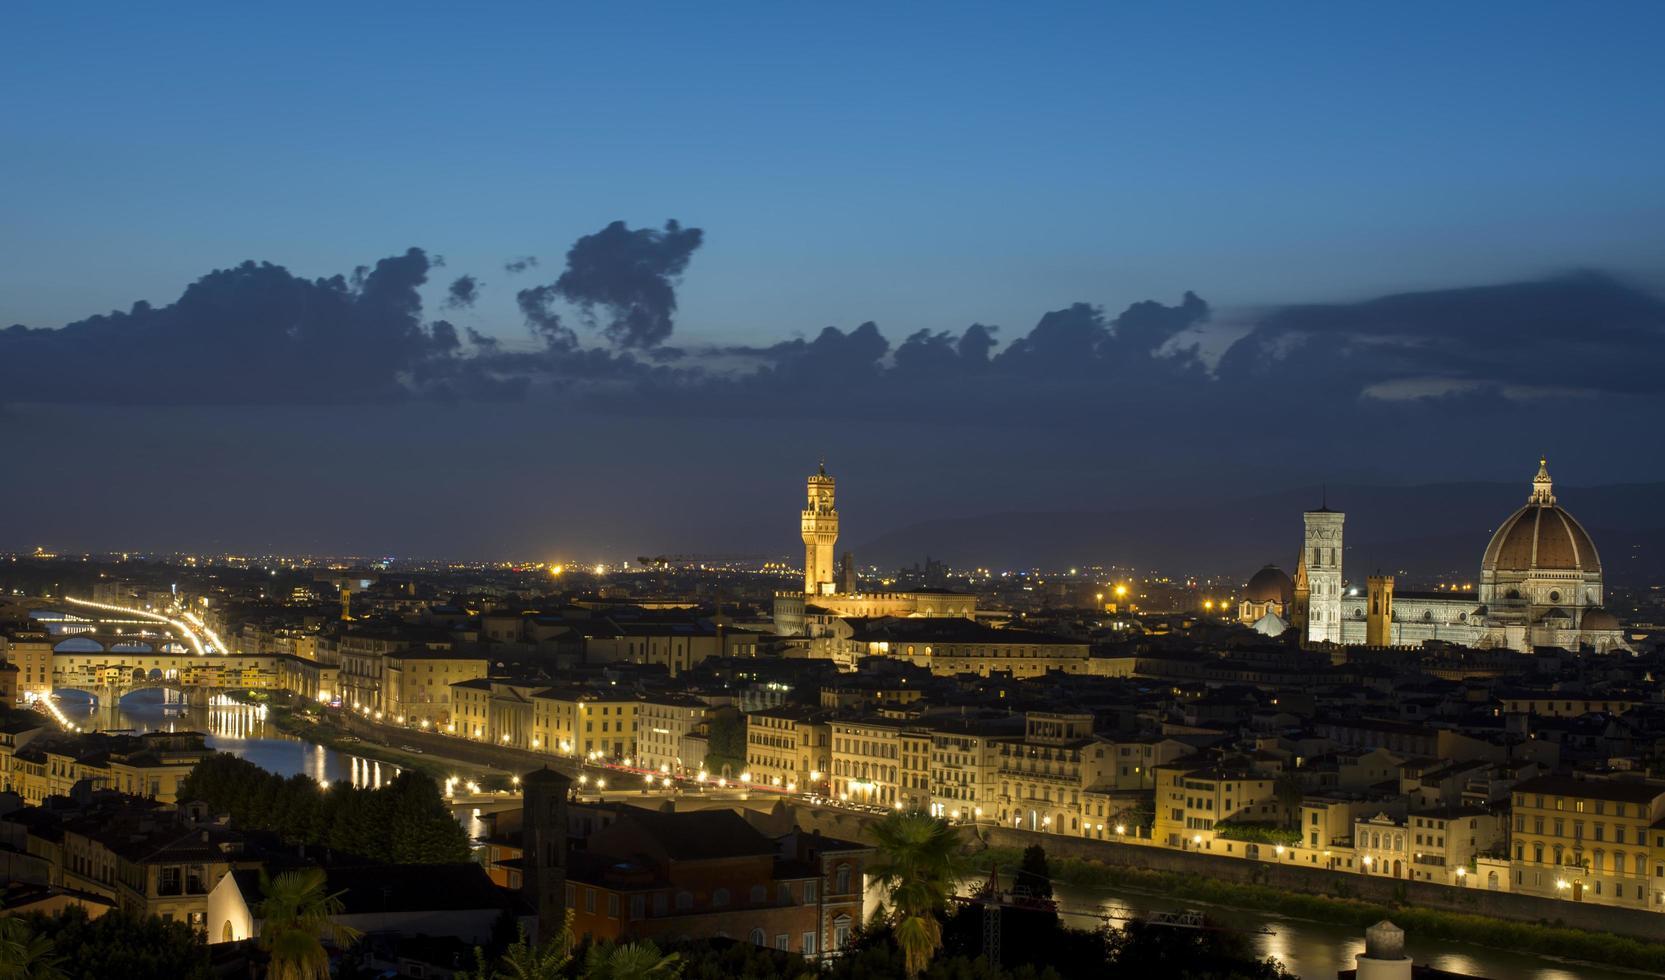 stad met 's nachts hoogbouw foto